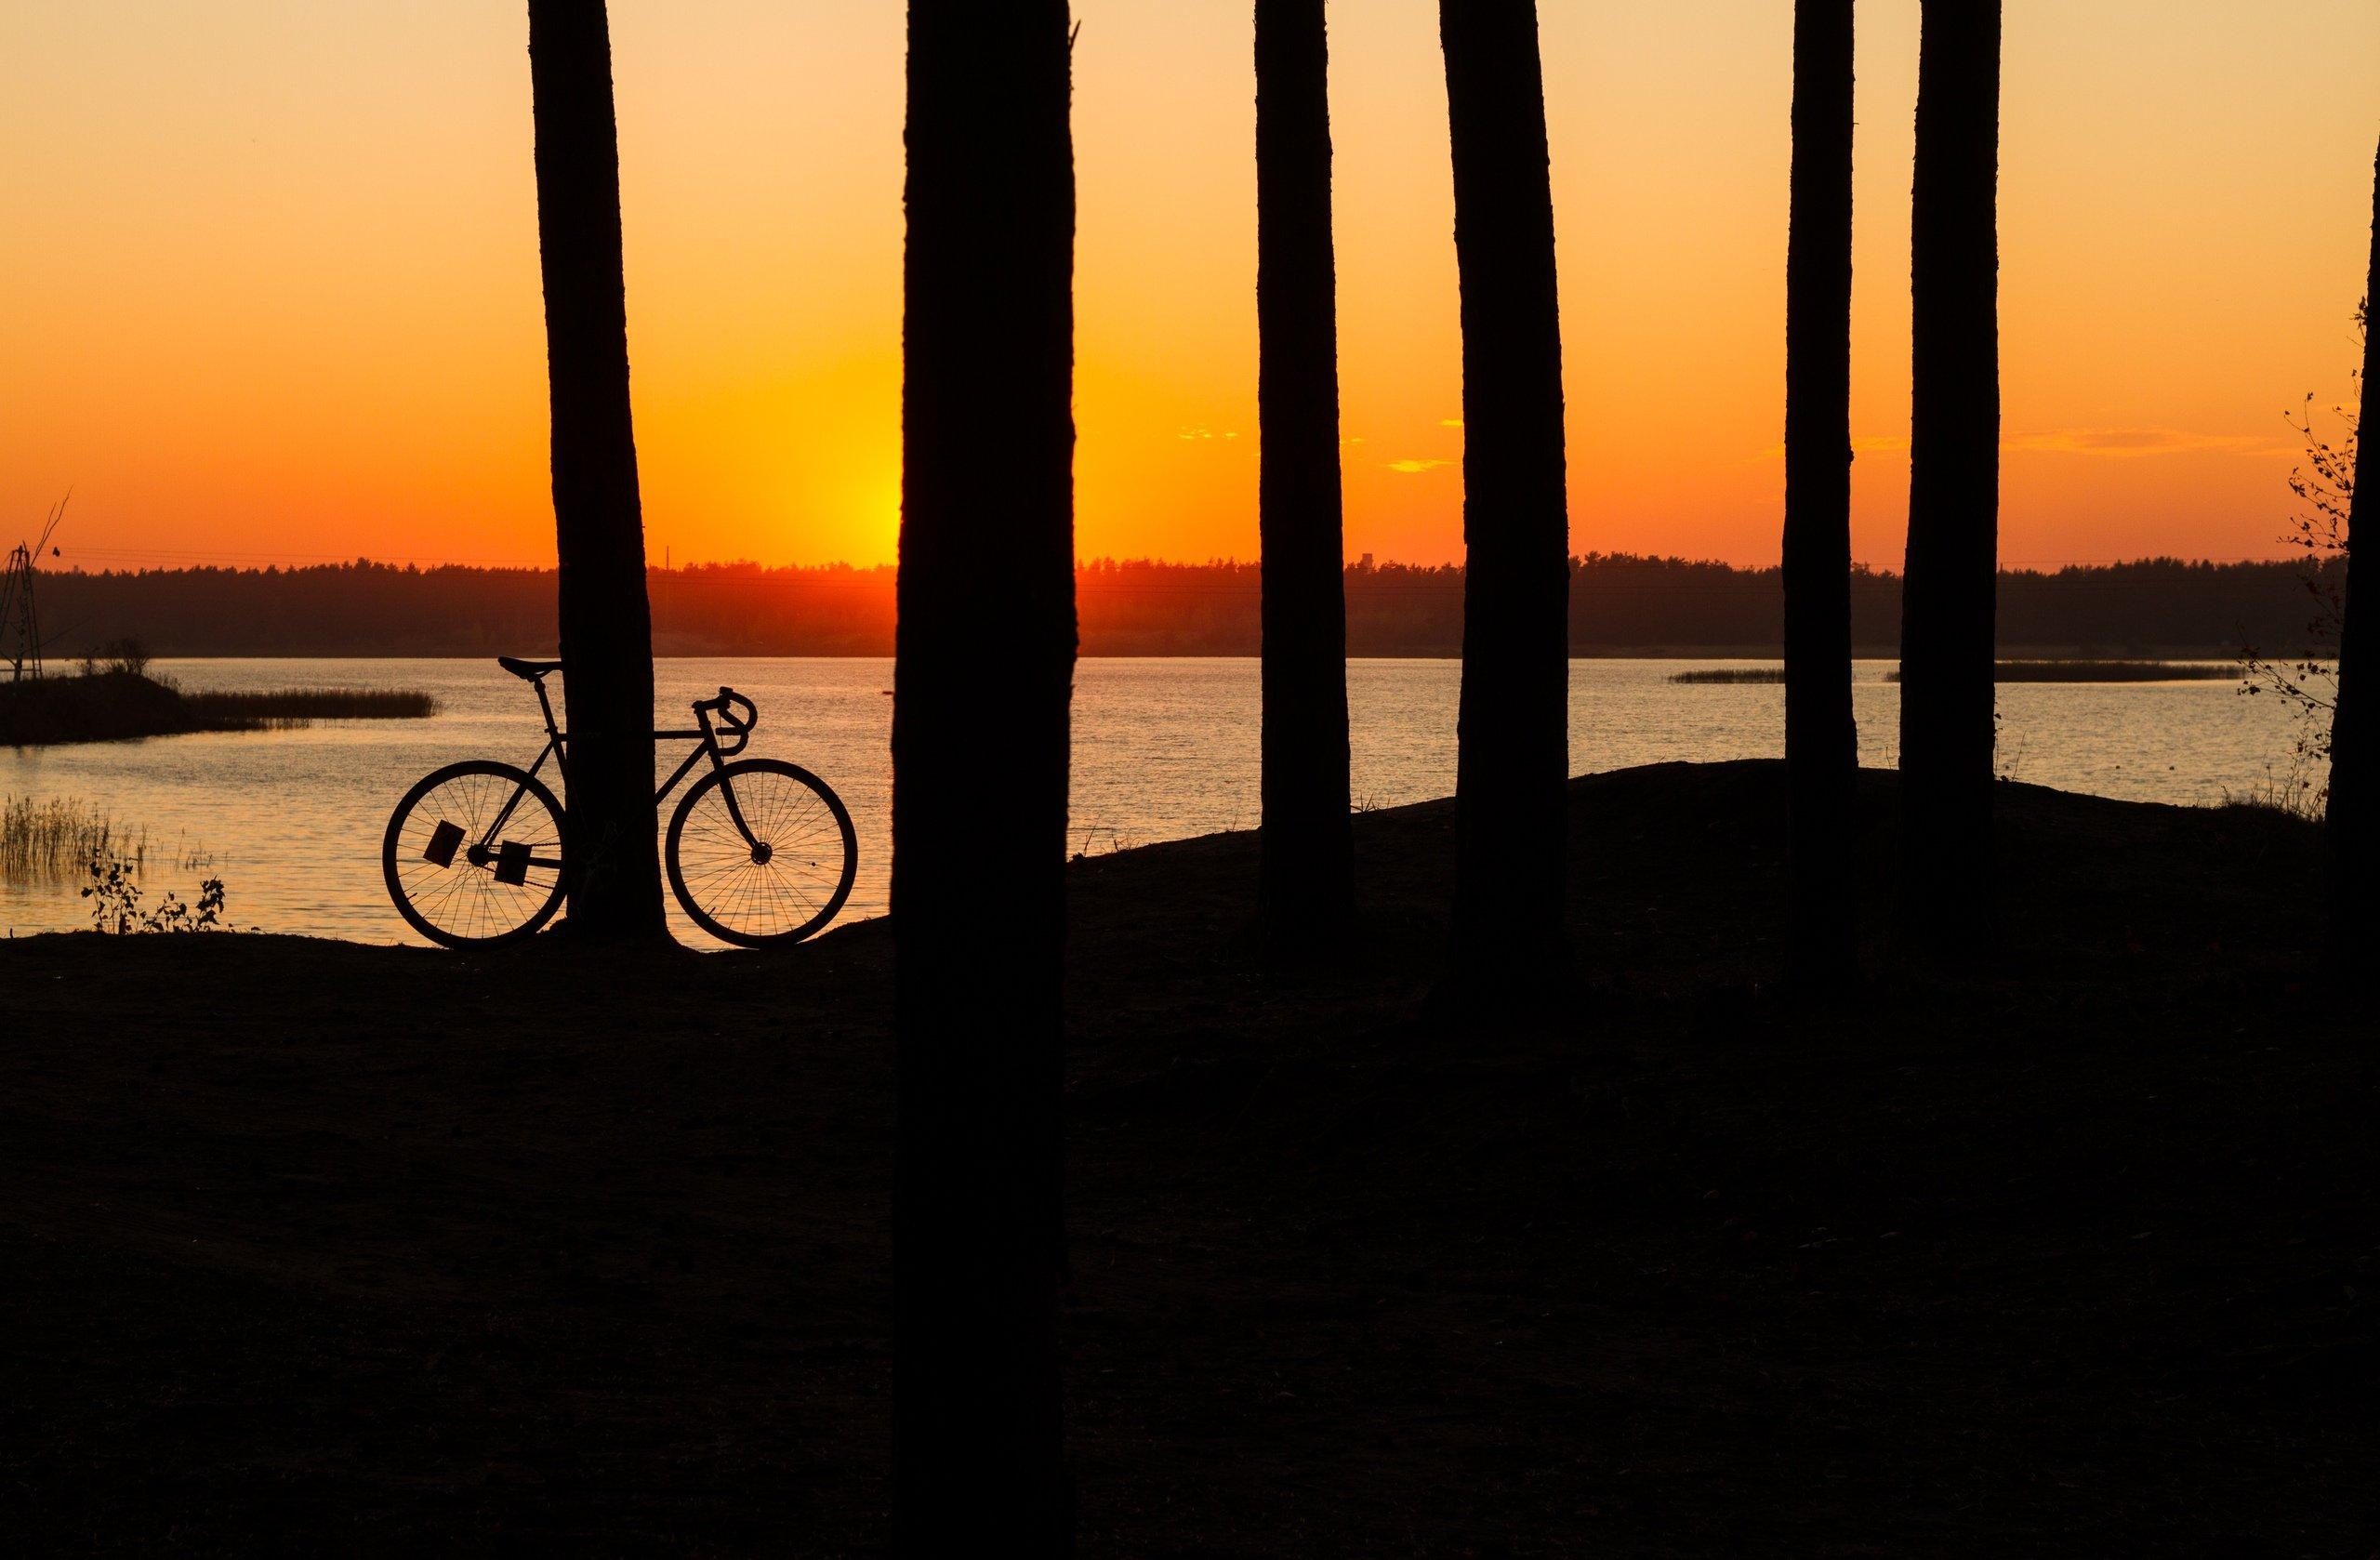 вечер туман россия велосипед закат солнце, Евгений Озеров